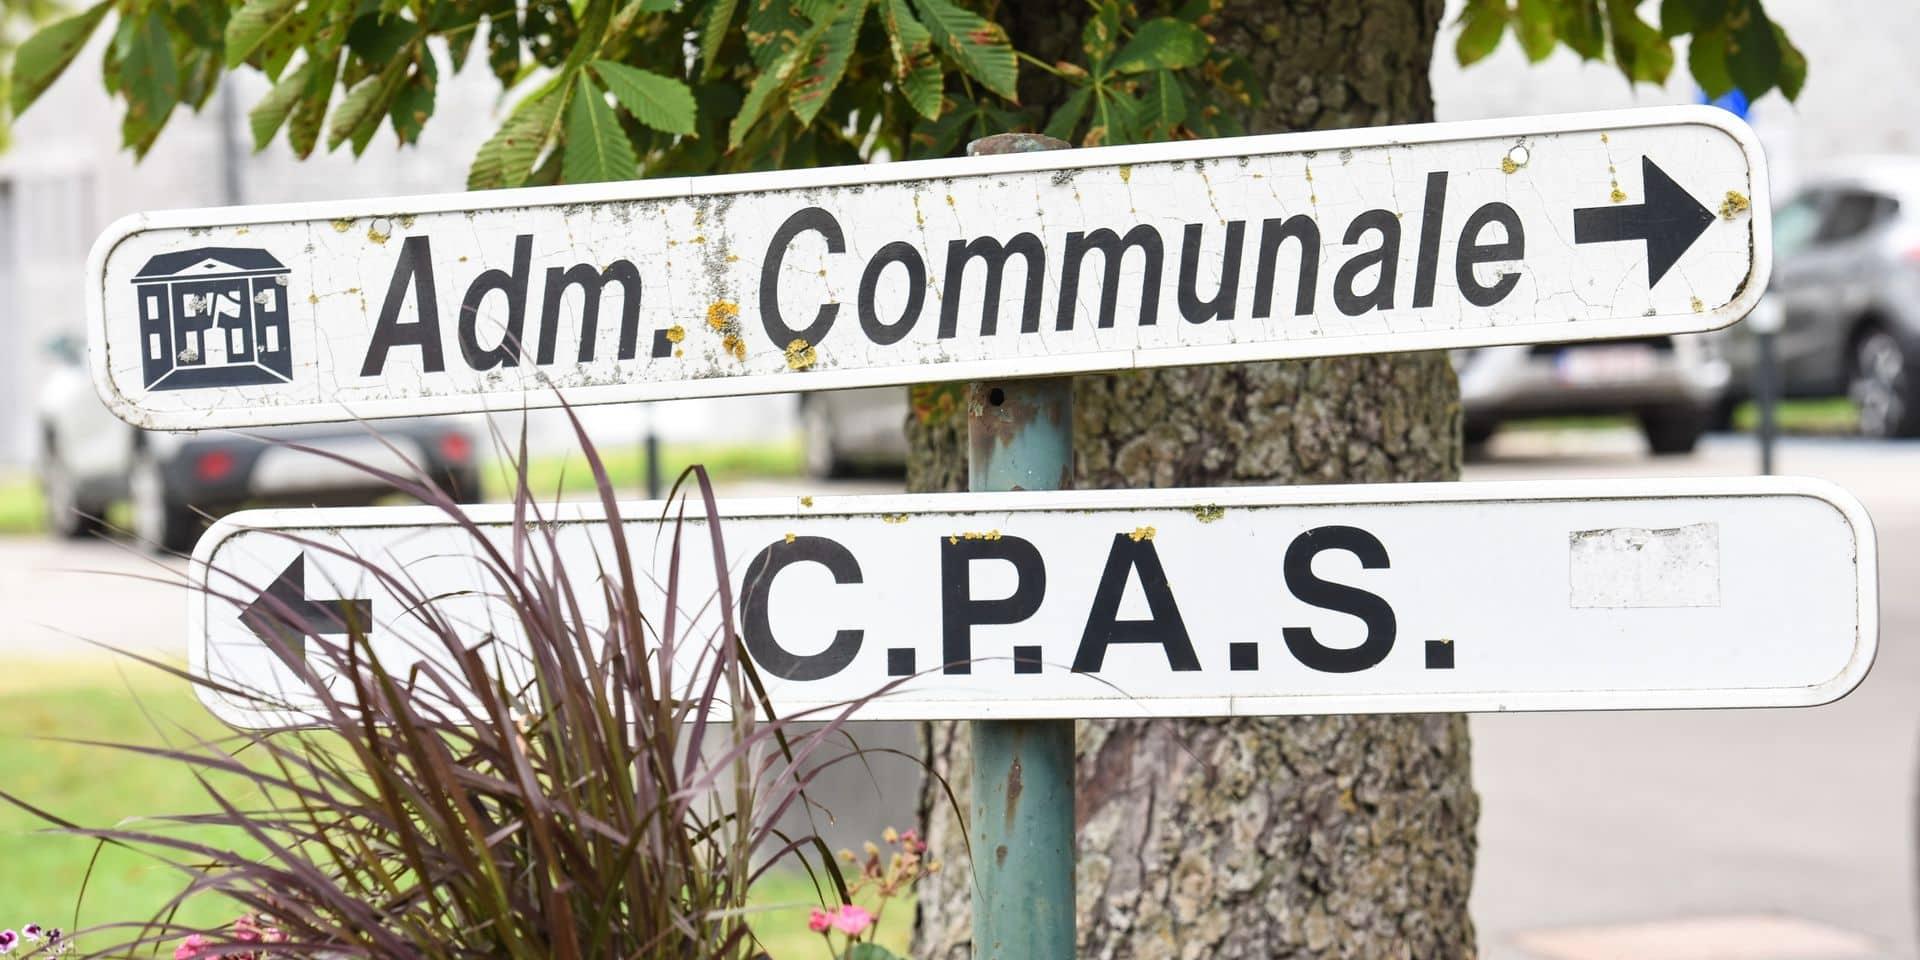 """Fin 2022, les CPAS devront aider 30% de personnes en plus chaque mois: """"Les indépendants n'ont plus le choix, ils viennent de plus en plus au CPAS"""""""